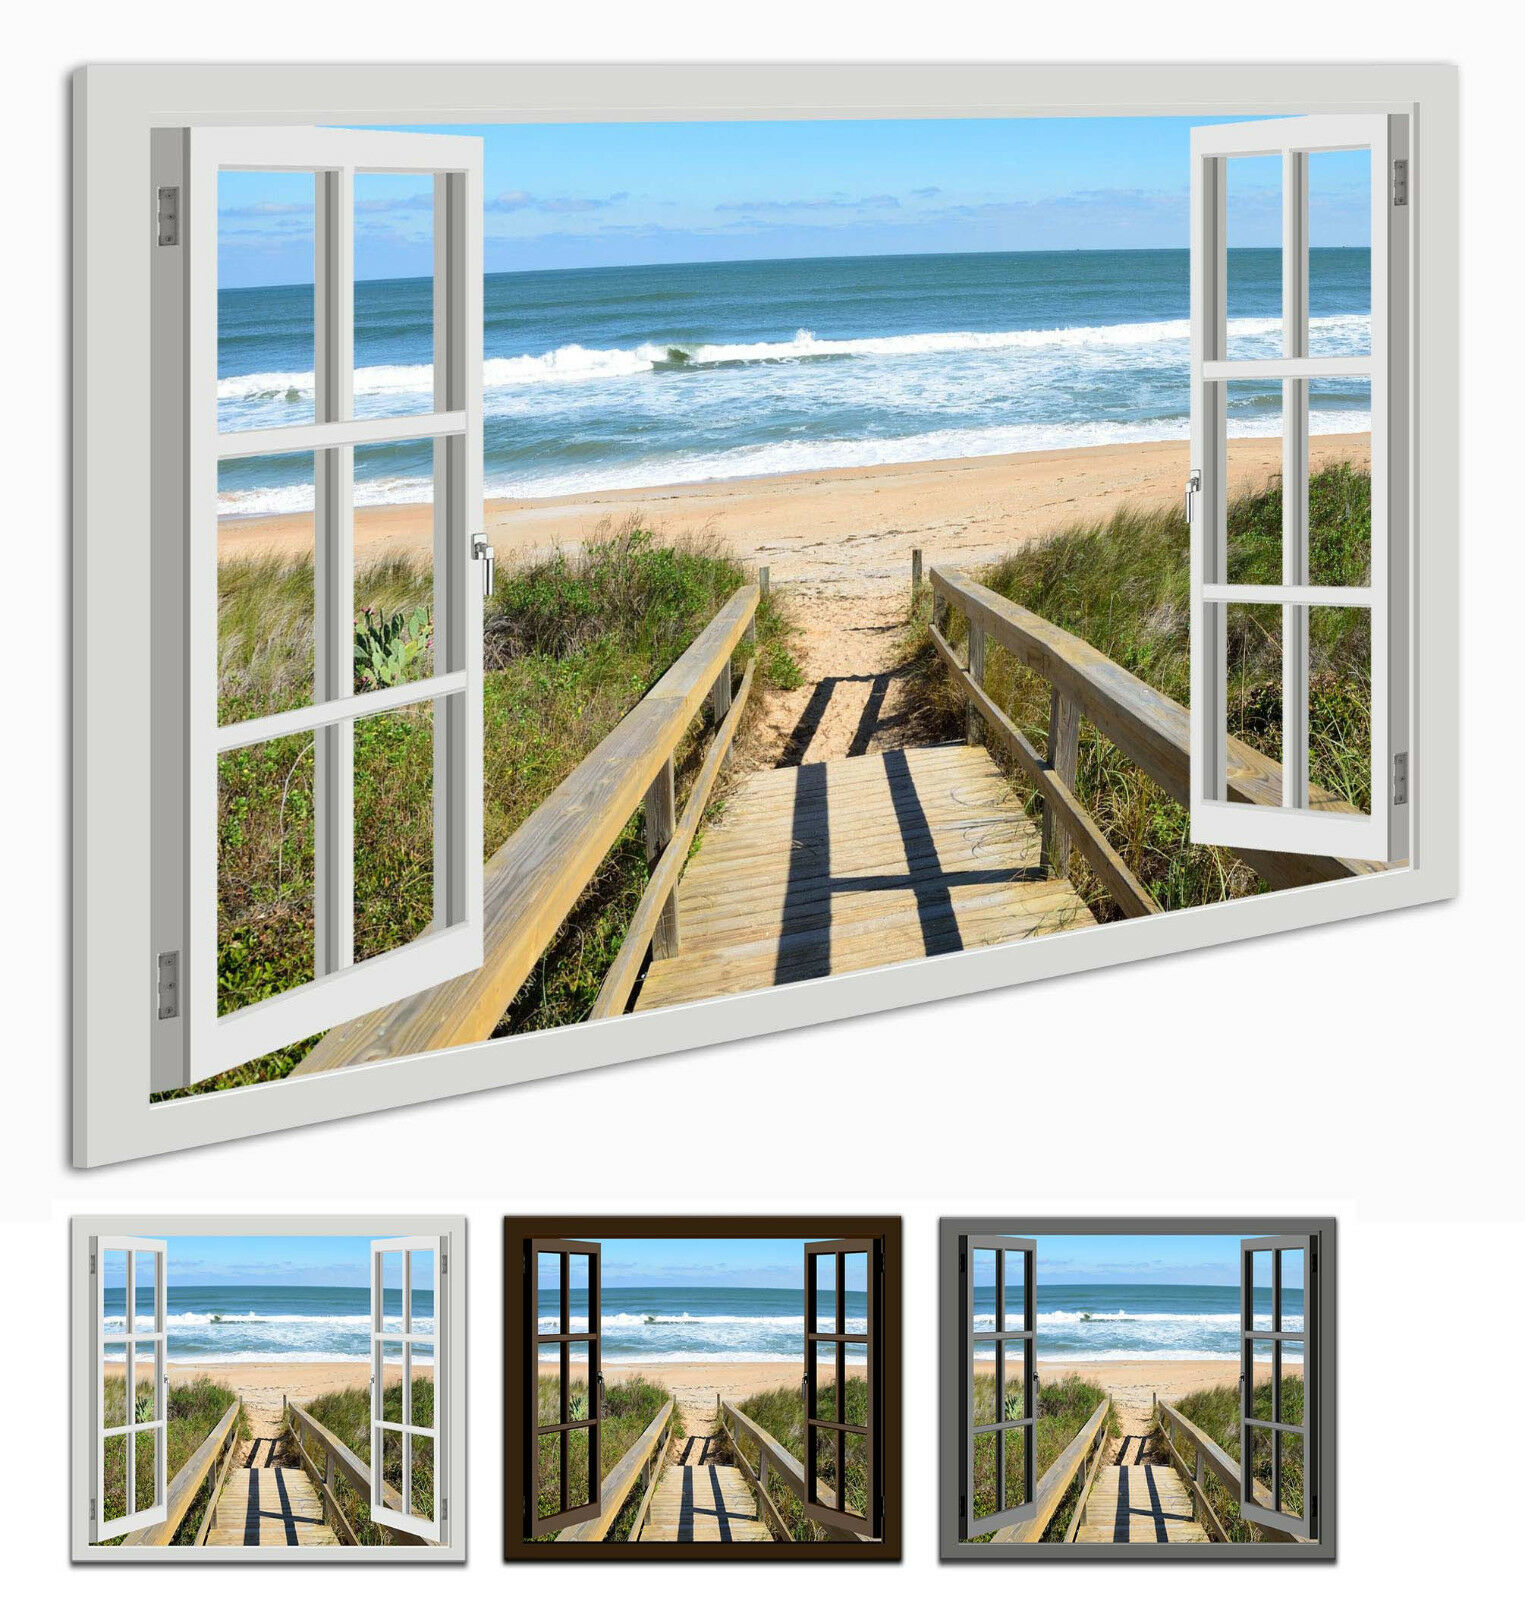 Toile podium la fresque Fenêtre Vue Plage podium Toile Holzsteg Océan Paysage 84858b